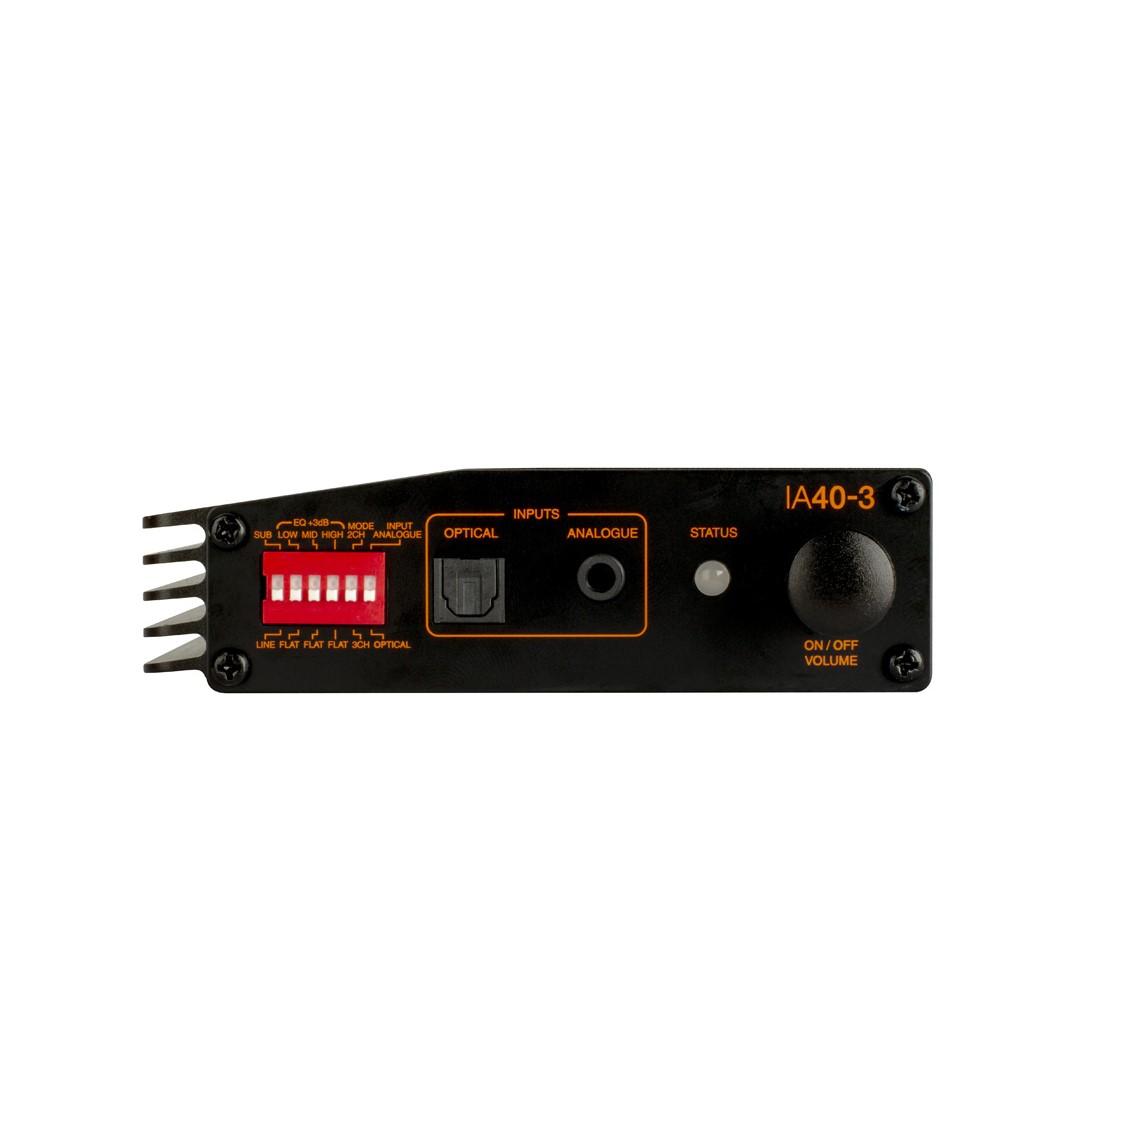 Monitor Audio IA40-3 ulazi strana